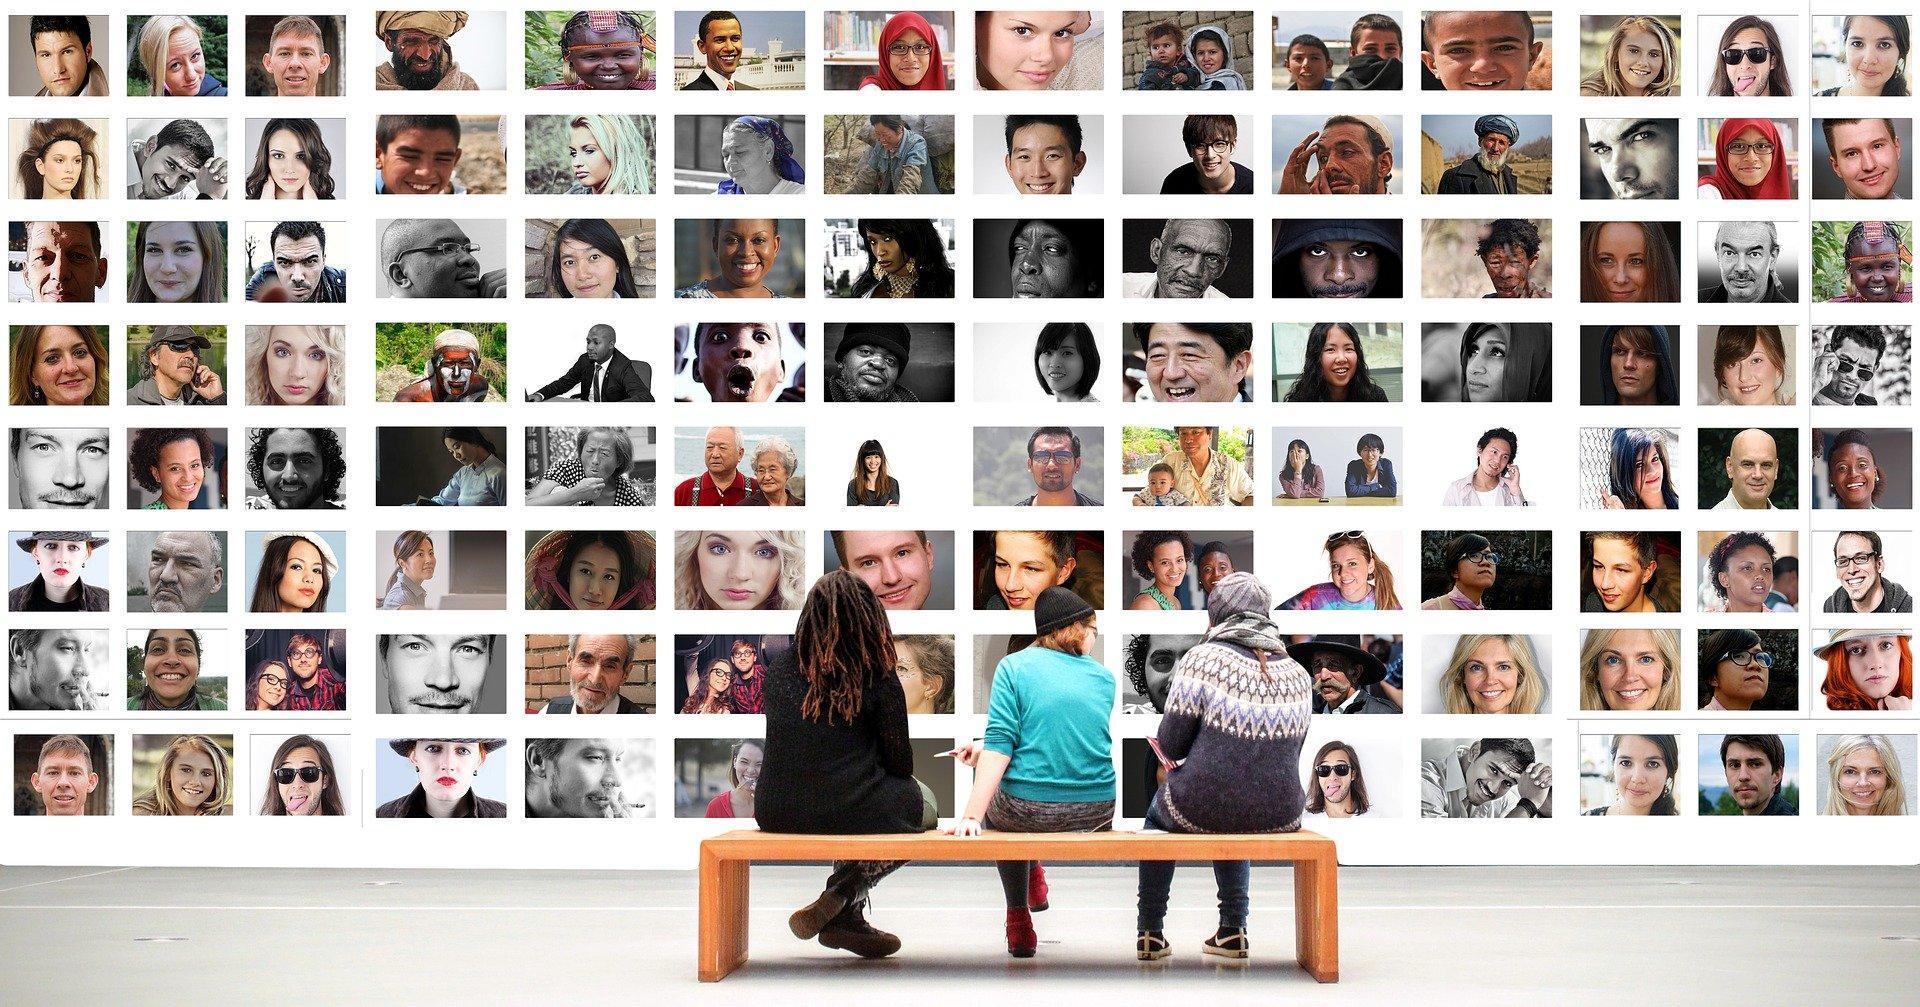 társadalom, egyeztetés, kommunikáció